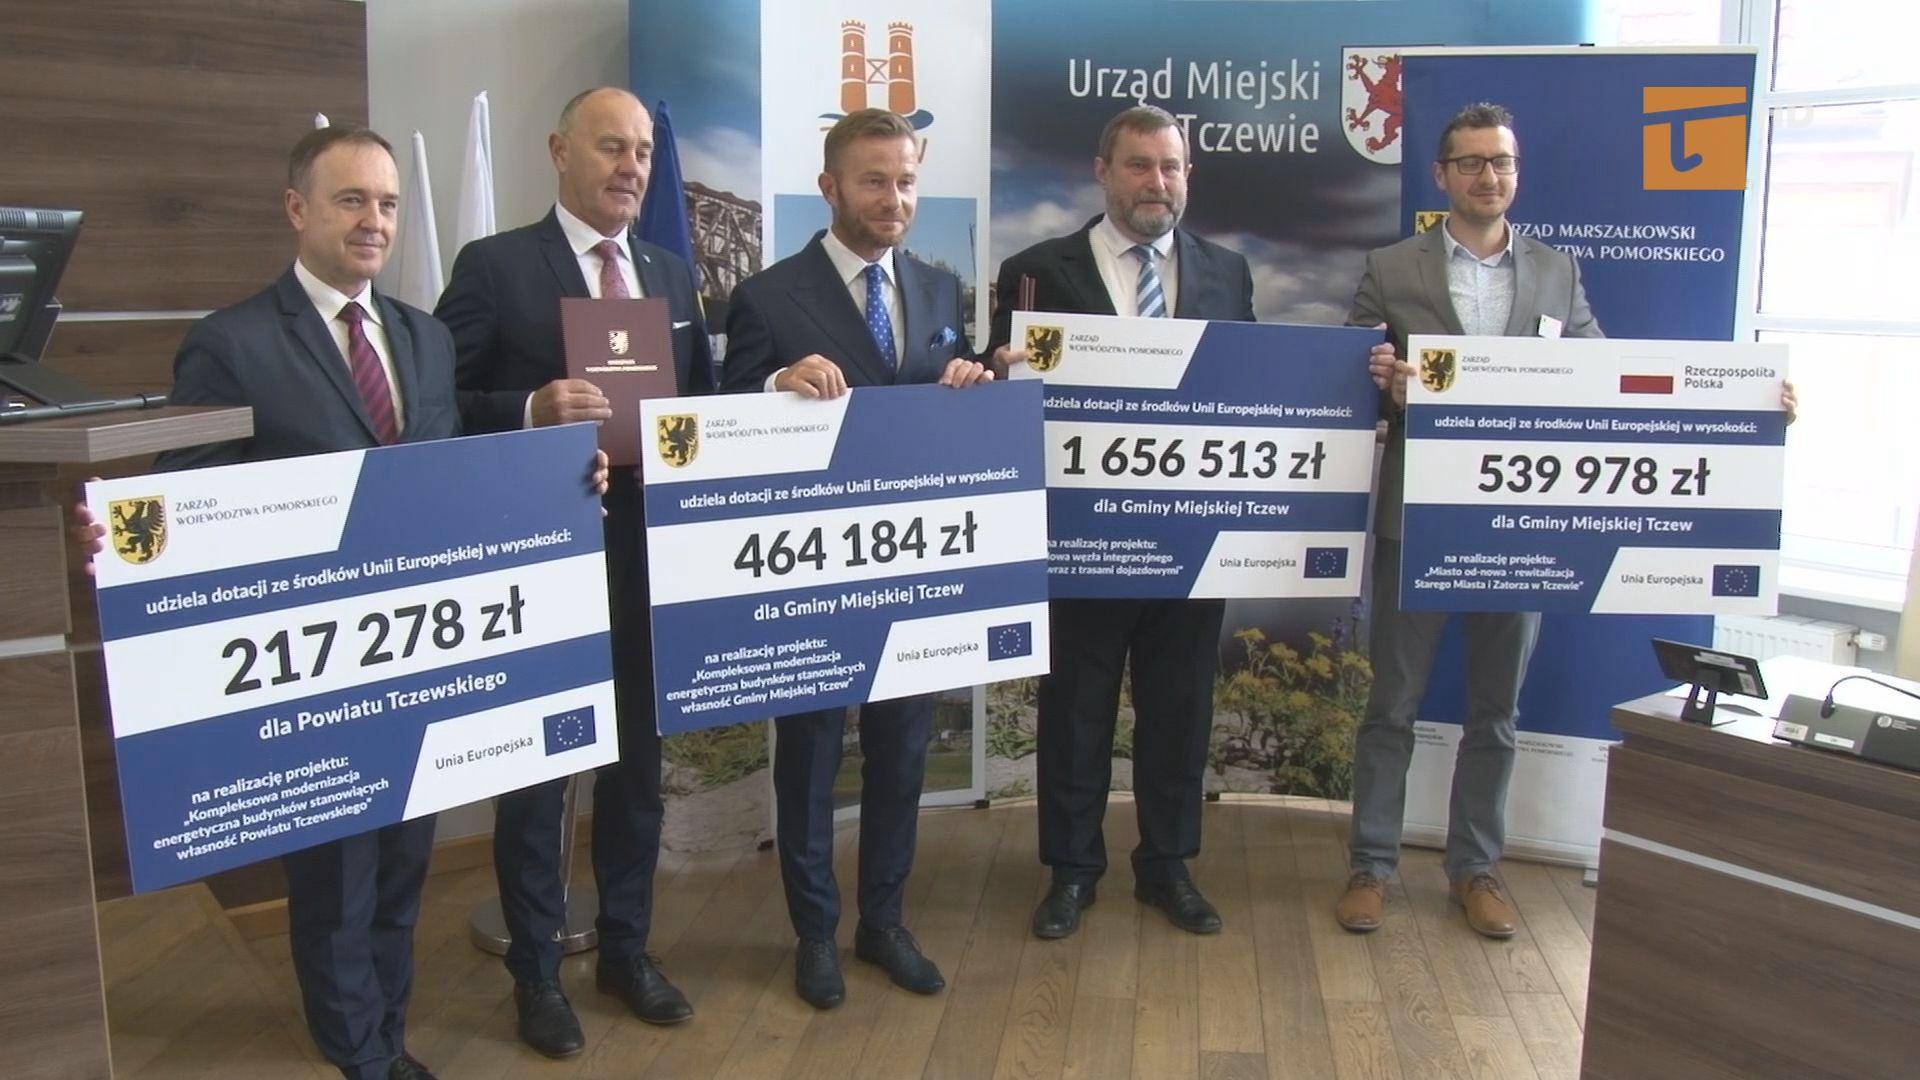 Trzy miliony zł na unijne inwestycje